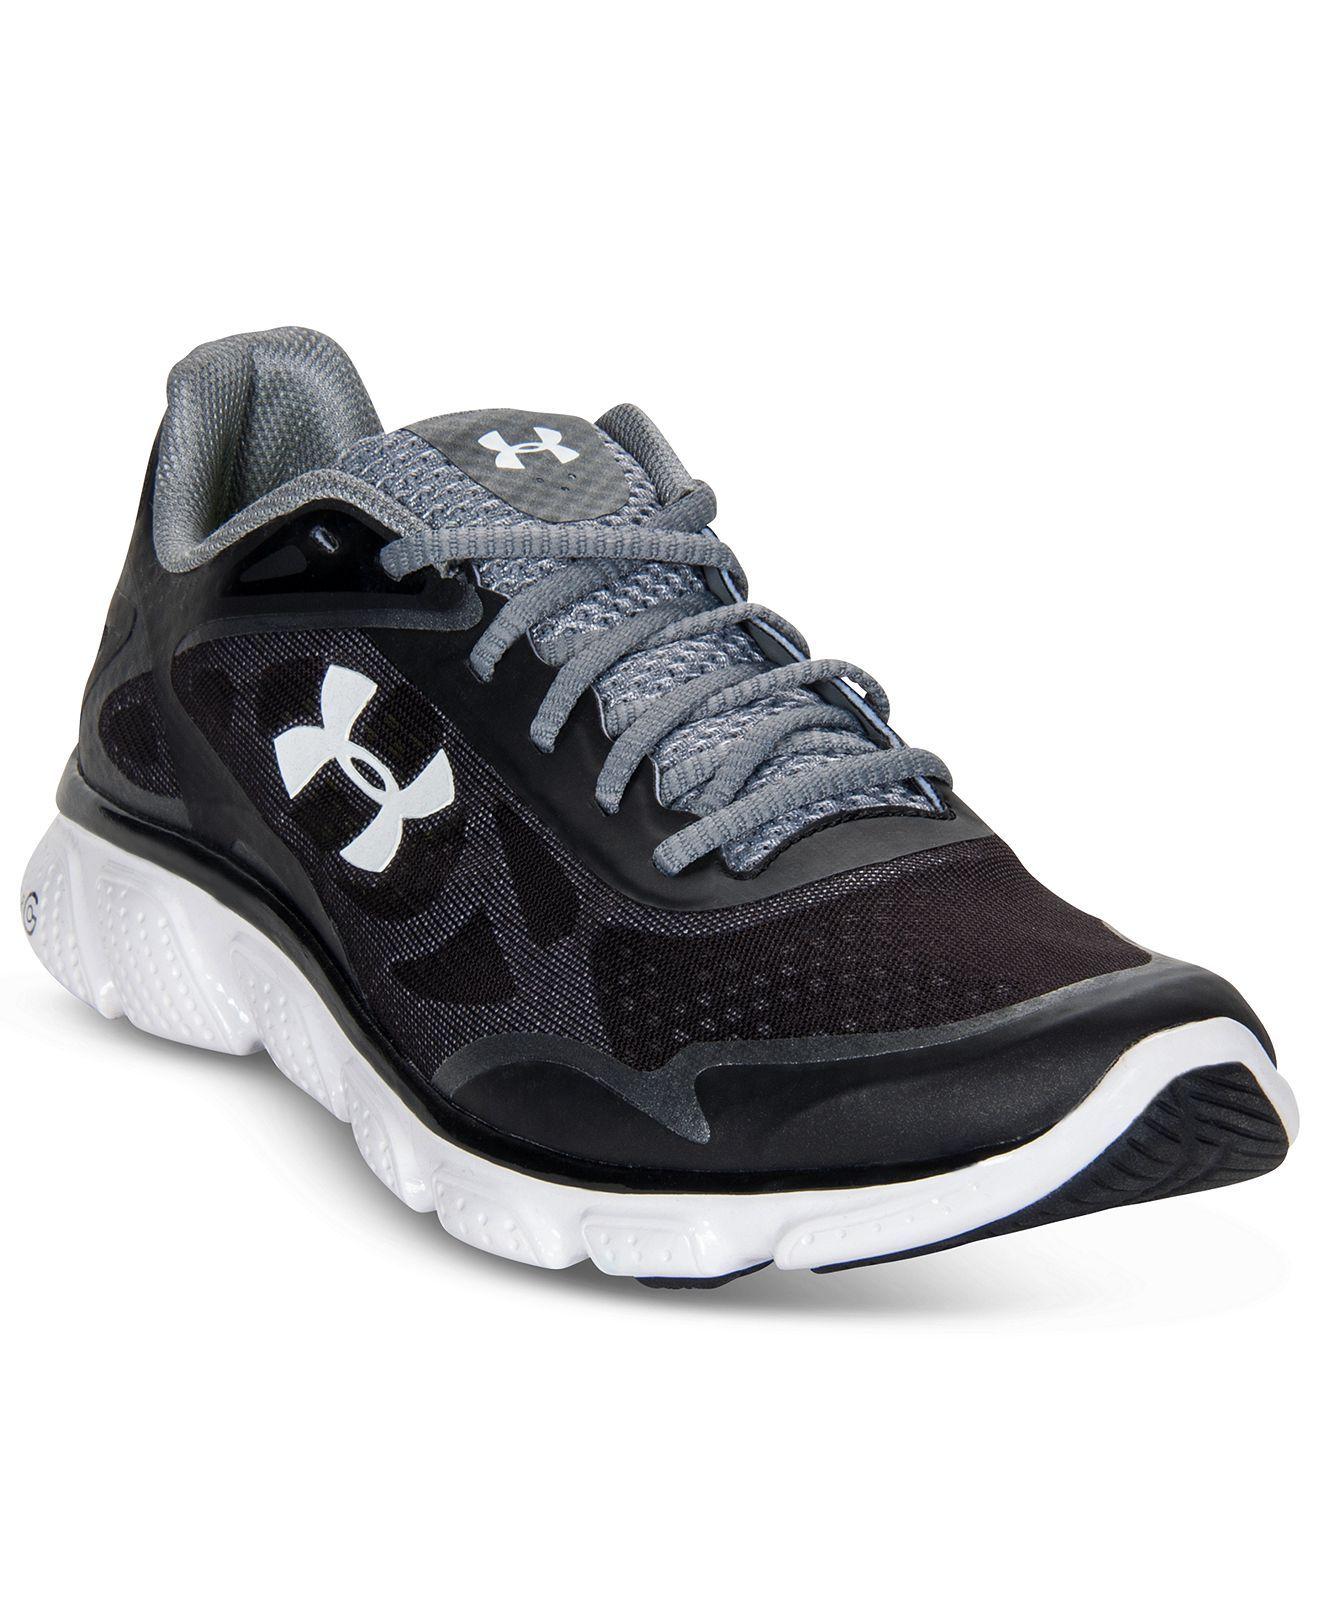 Sneakers For Men - Men's Activewear. Armor ...